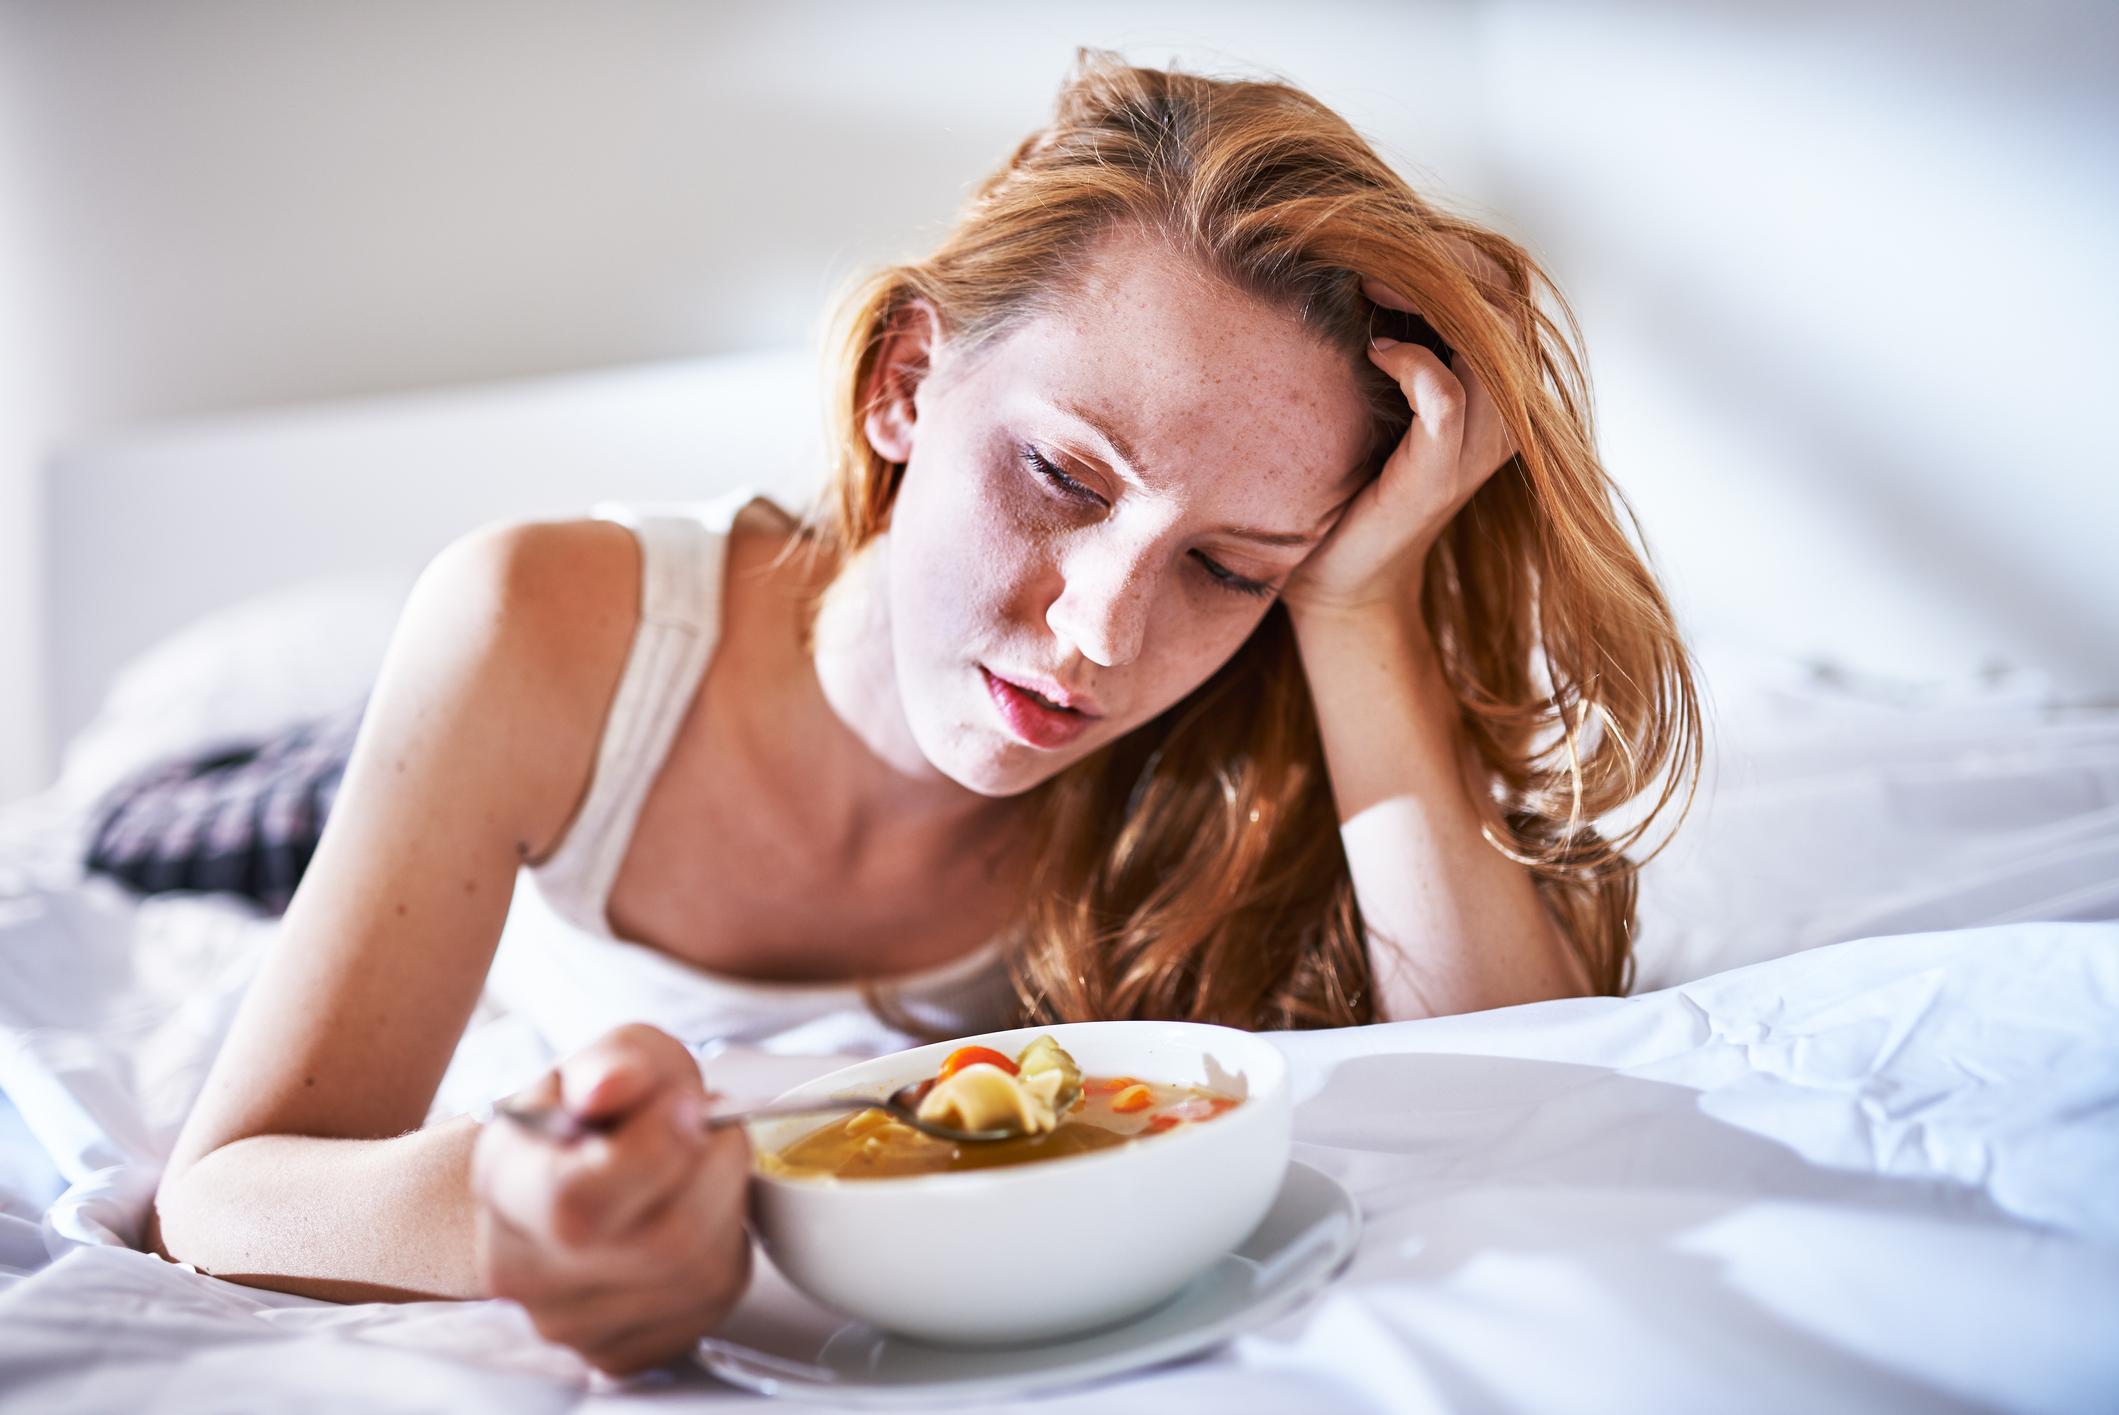 Pileća juhica je uvijek dobra ideja, a namirnice koje imaju grubu teksturu ili su same po sebi tvrde mogu biti teške za gutanje te dodatno nadražiti bolno grlo. Zato ih izbjegavajte.